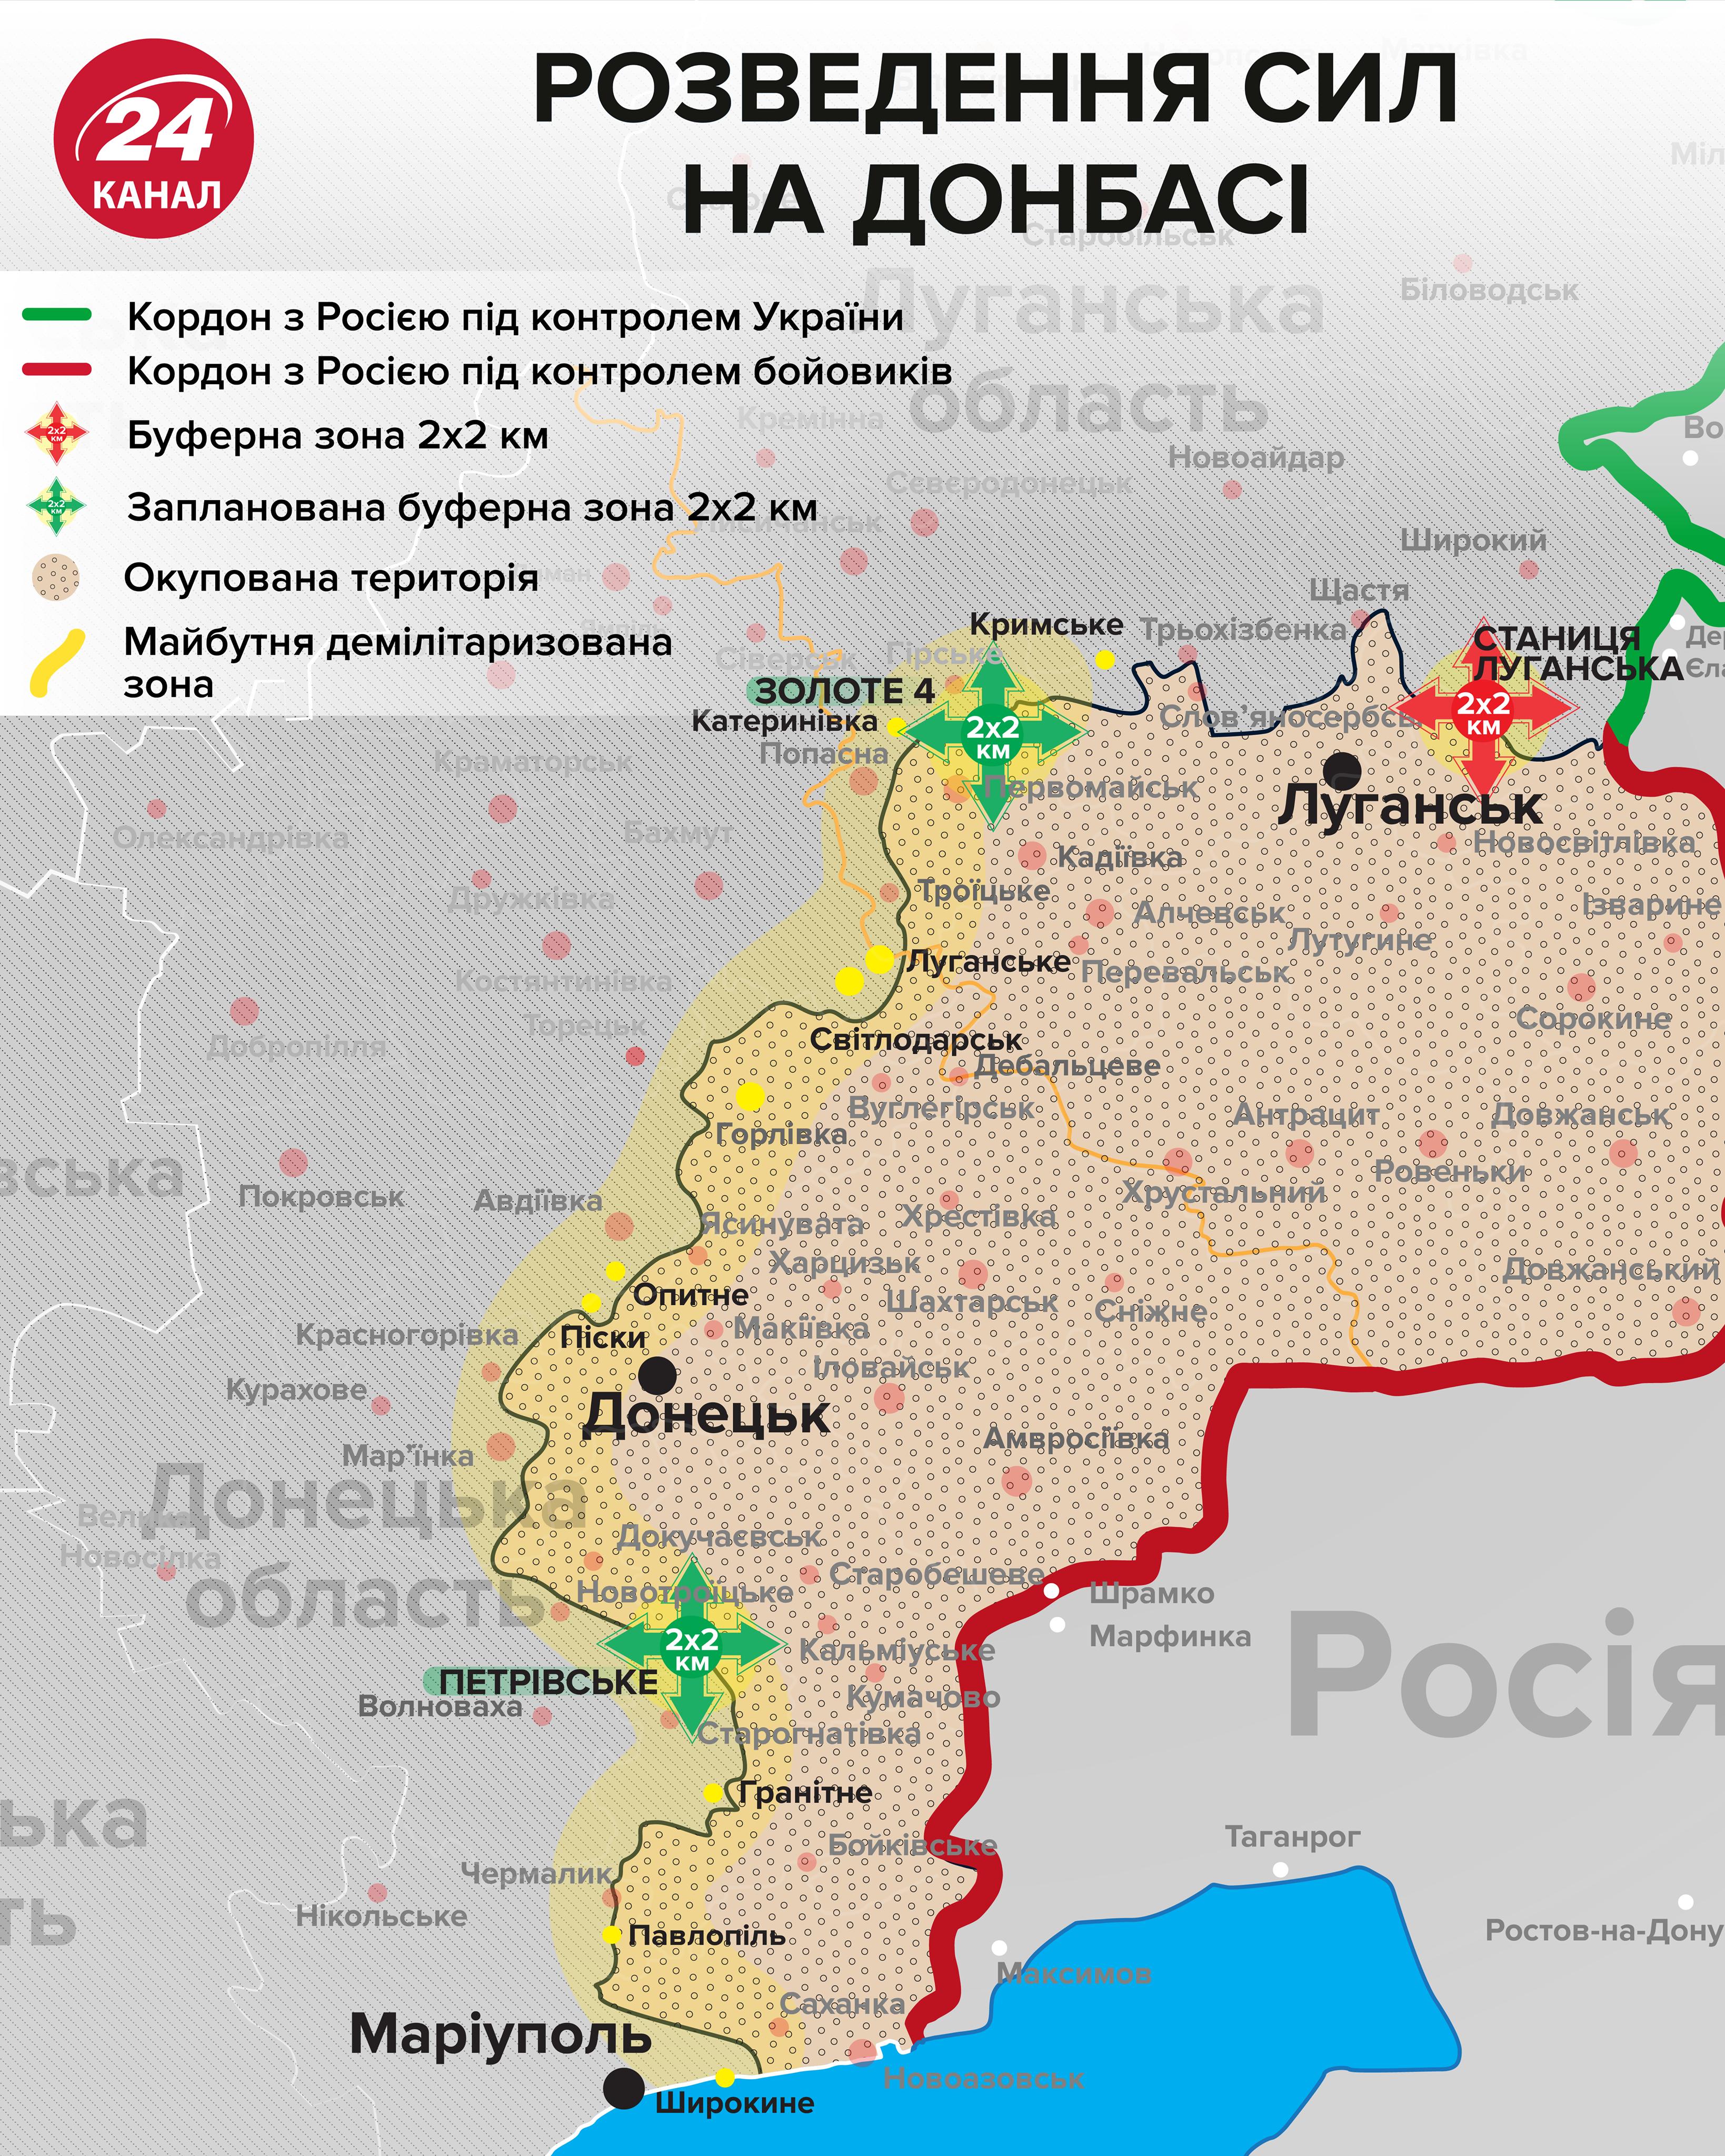 ділянки розведення військ на Донбасі карта Золоте Петрівське розведення сил карта